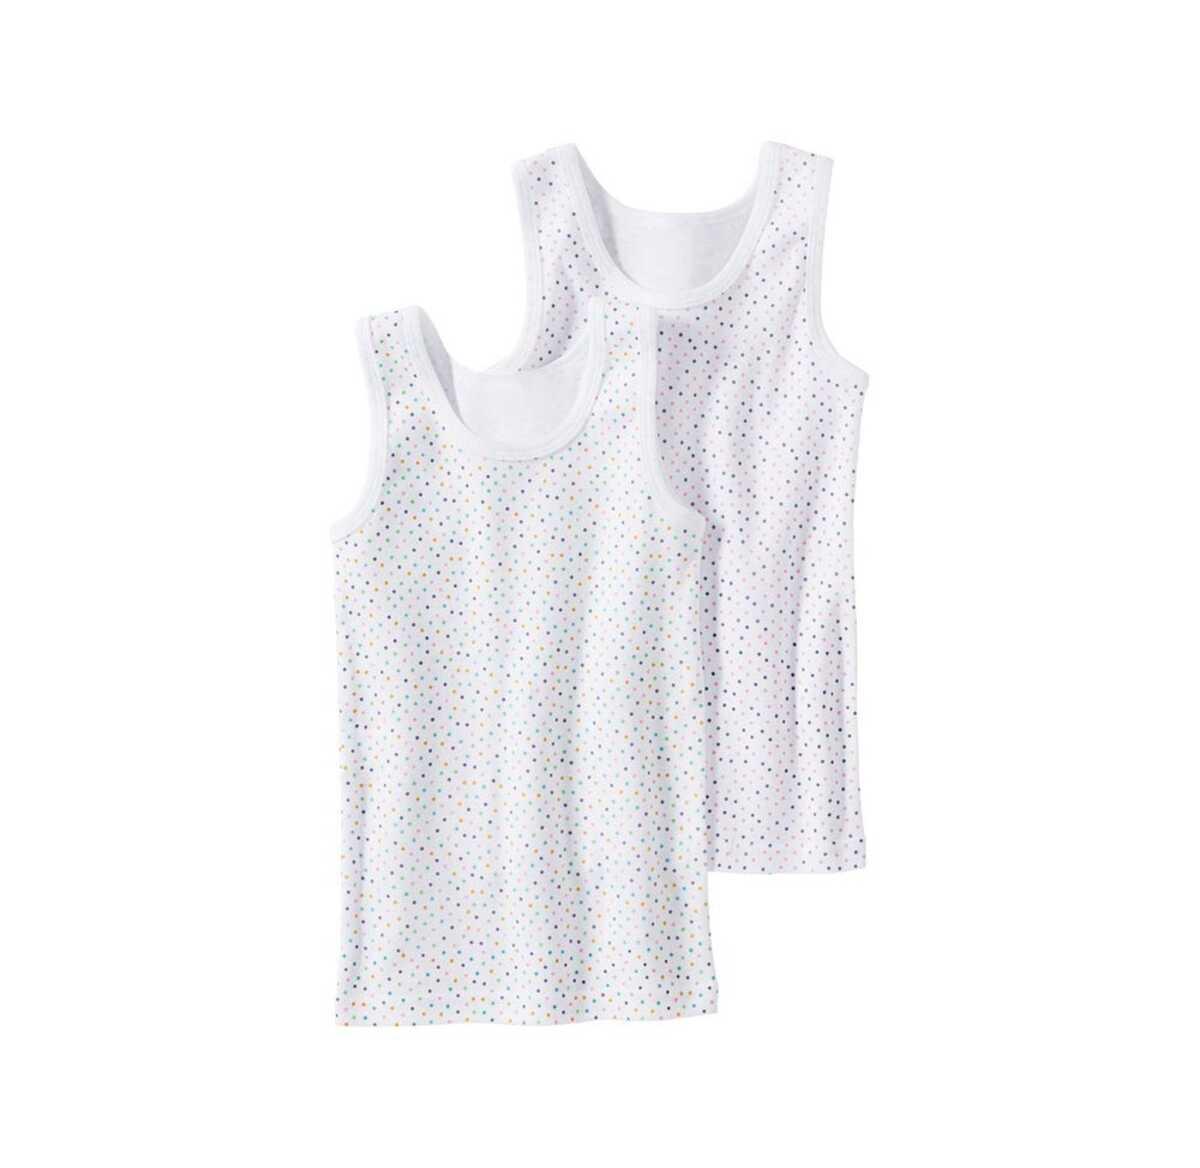 Bild 1 von Mädchen-Unterhemd mit bunten Punkten, 2er Pack